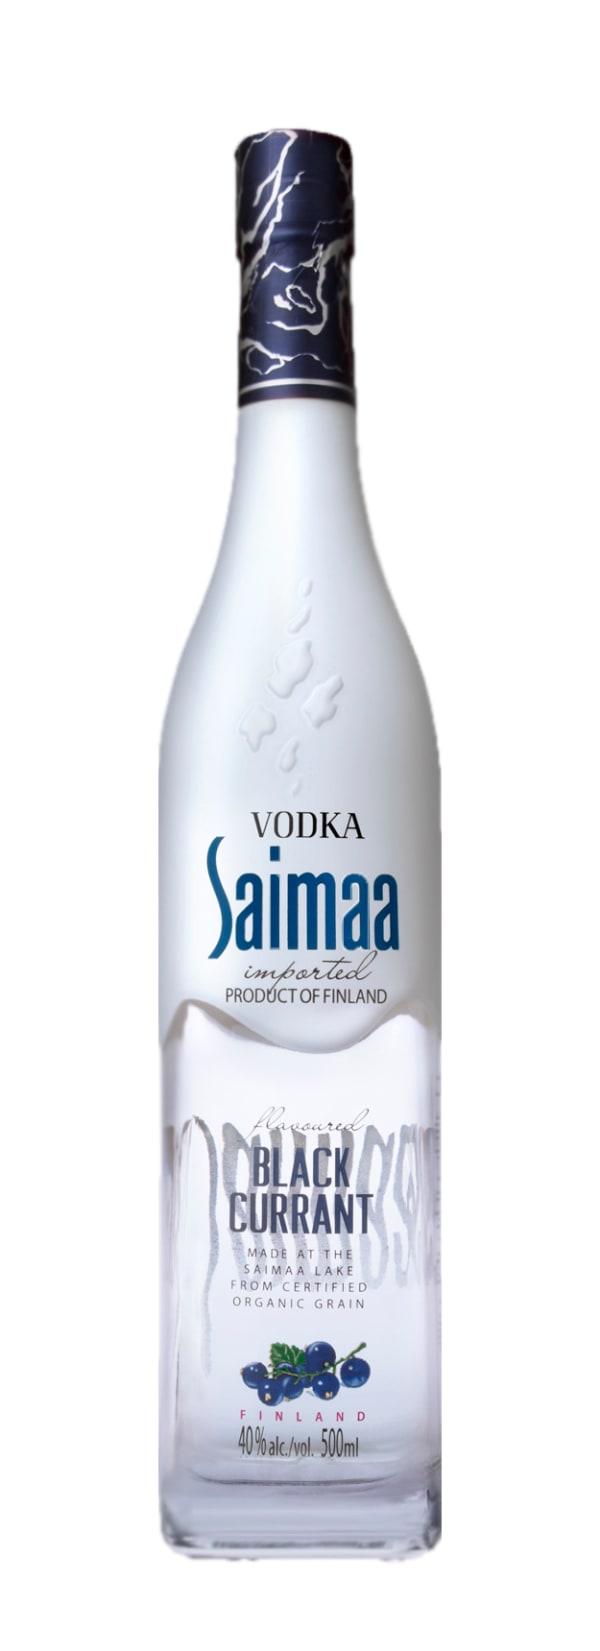 Saimaa Vodka Black Currant